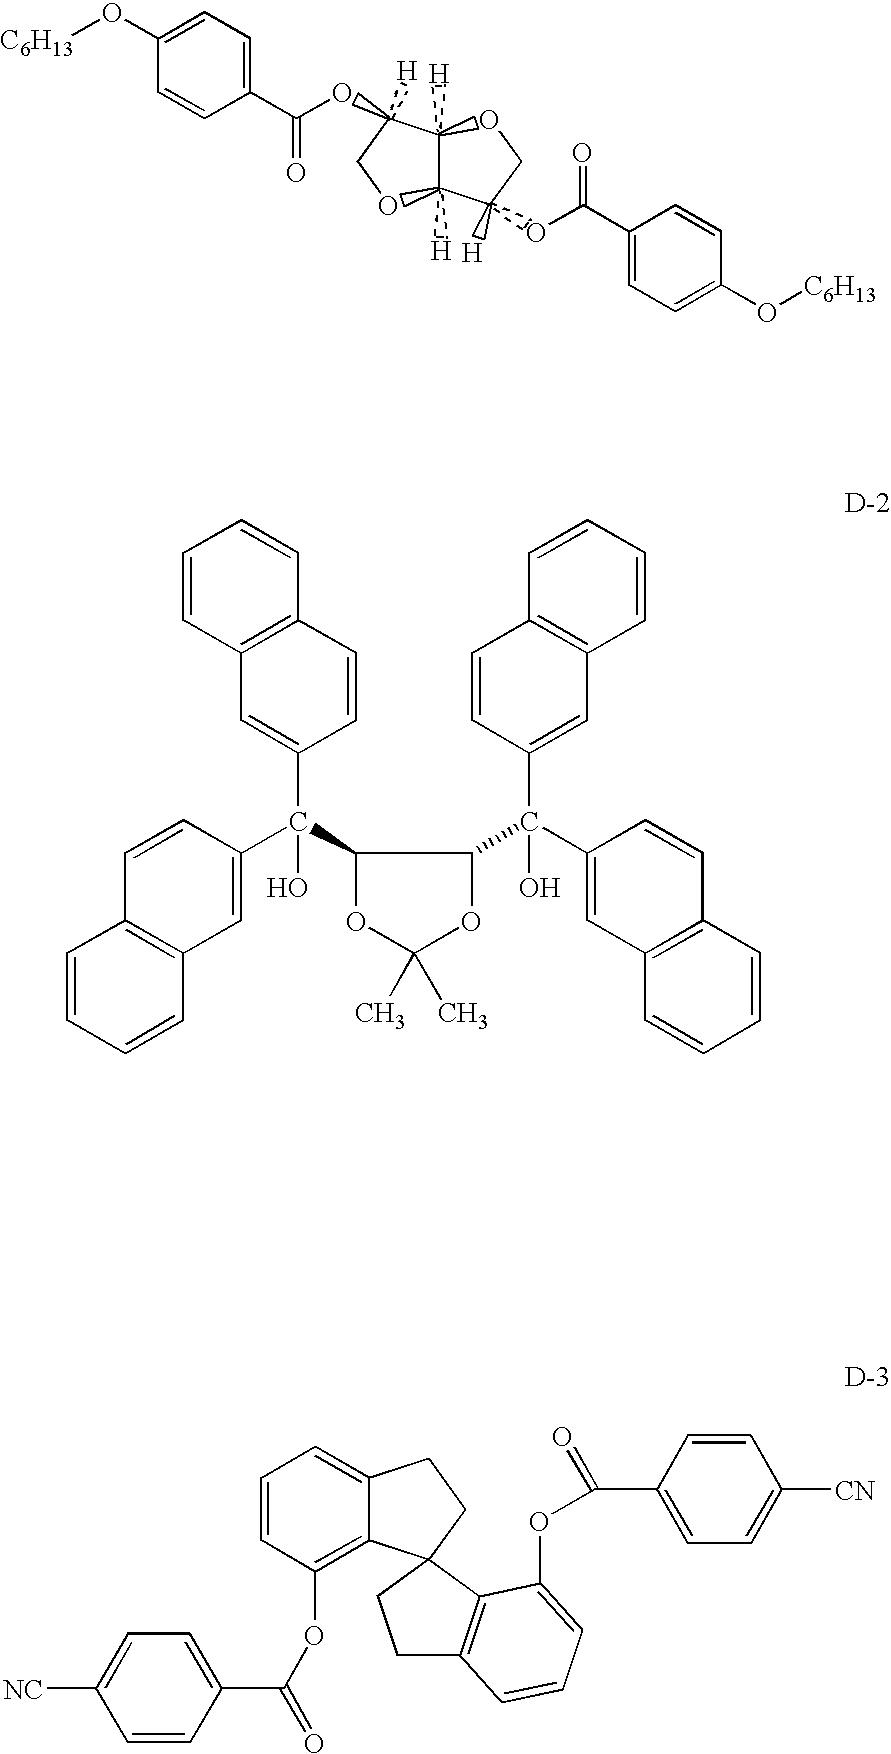 Figure US07645497-20100112-C00003